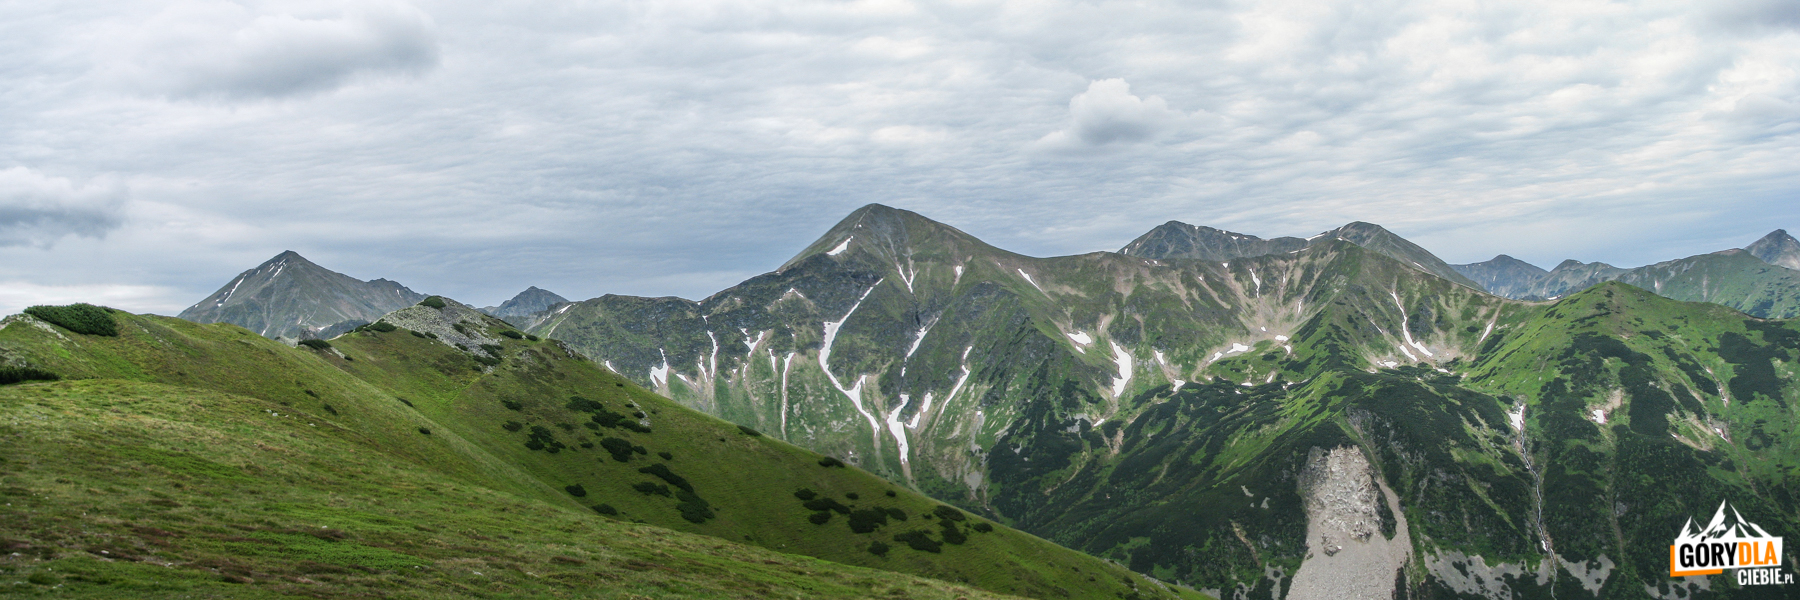 Widok z Suchego Wierchu Ornaczańskiego (1832 m) - od lewej: Błyszcz (2158 m) i Bystra (2248 m), Zadnia Kopa (2162 m), Starorobociański Wierch (2176 m), Raczkowa Czuba (2194 m), Jarząbczy Wierch (2137 m), Baraniec (2185 m), Smrek (2082 m) i Rohacze